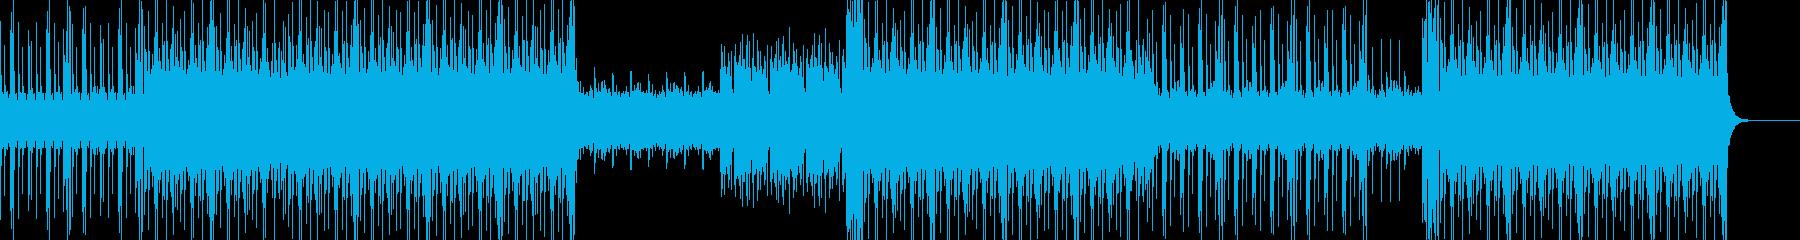 おしゃれで迫力のあるメロディーの再生済みの波形